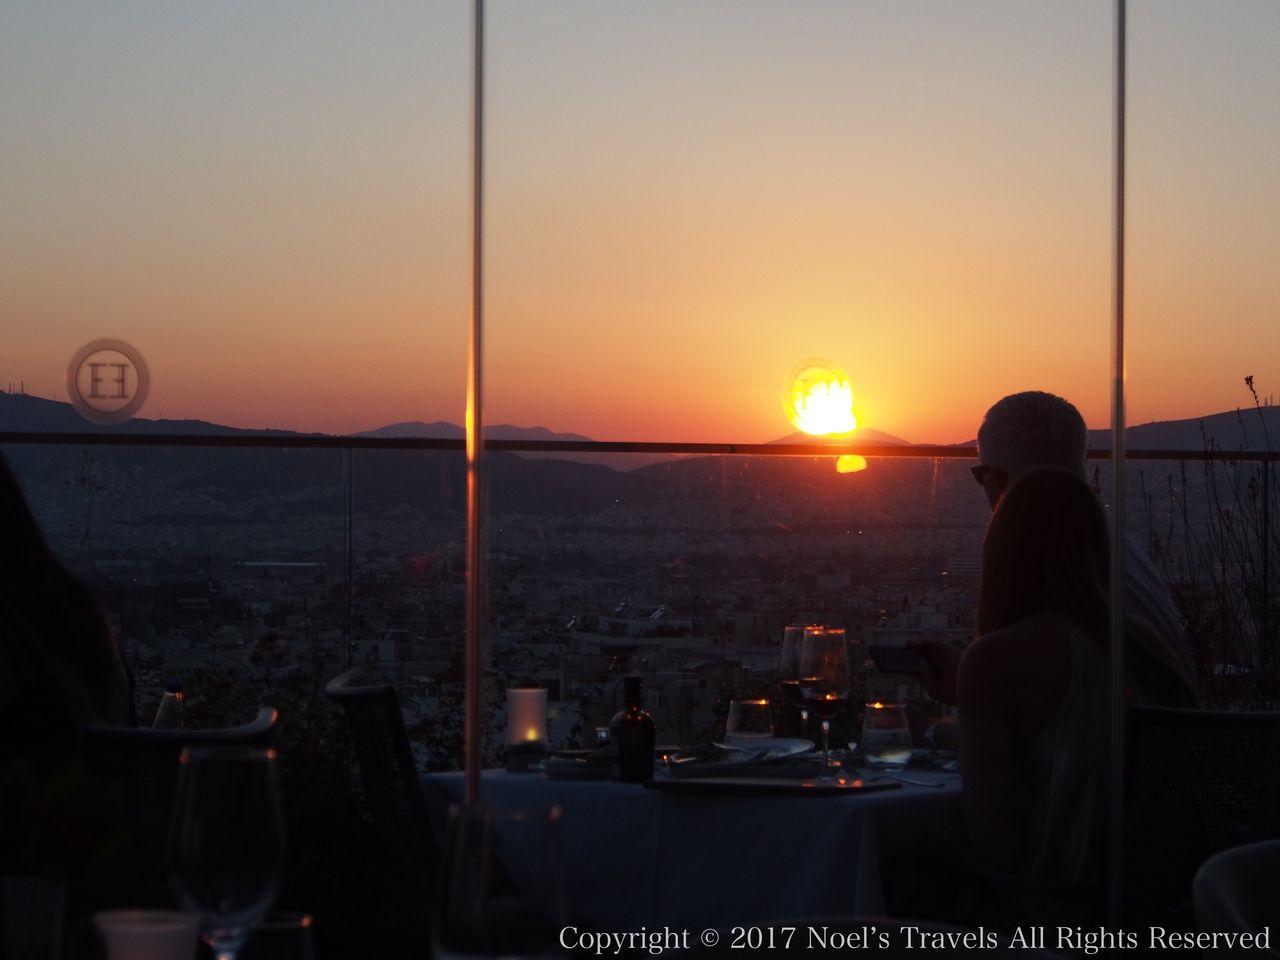 エレクトラ・メトロポリス・アテネのレストラン